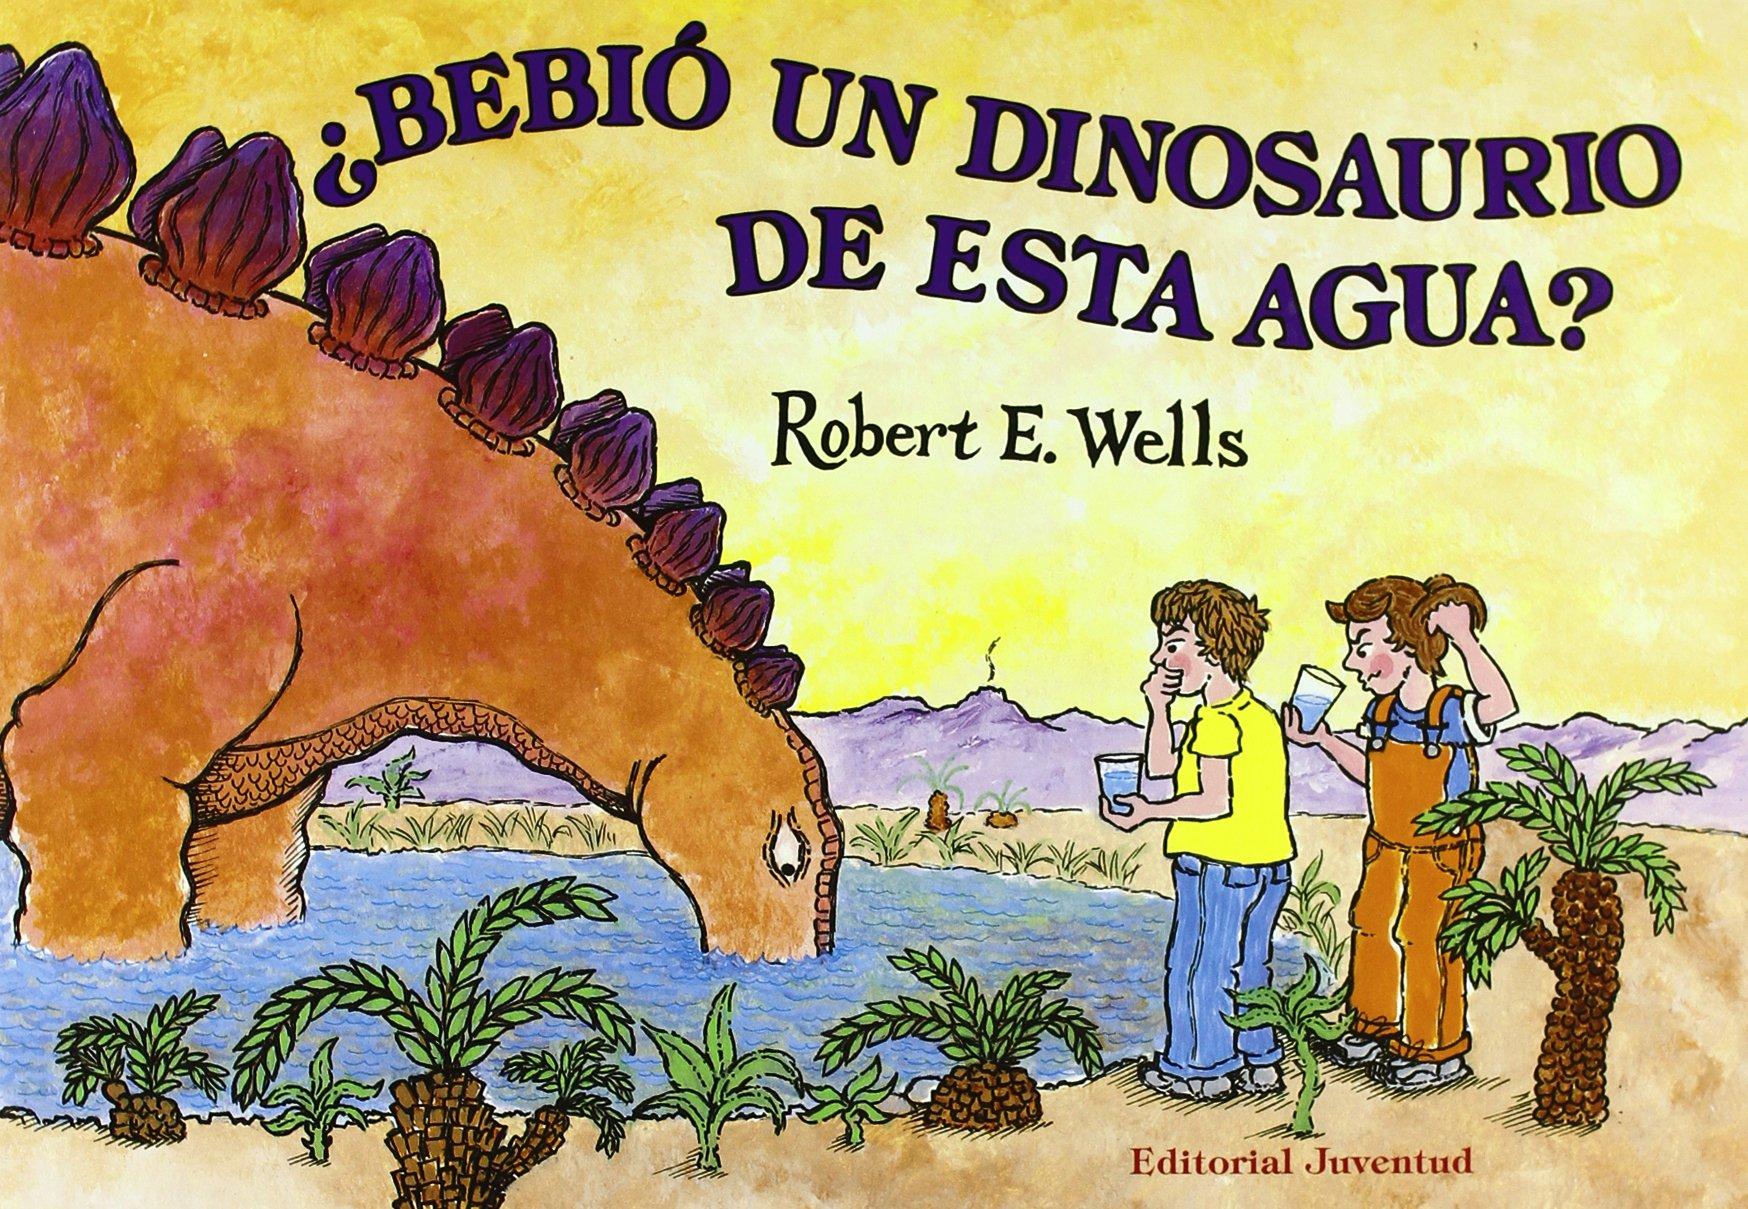 BEBIO UN DINOSAURIO DE ESTA AGUA (LIBROS DE ROBERT E. WELLS)